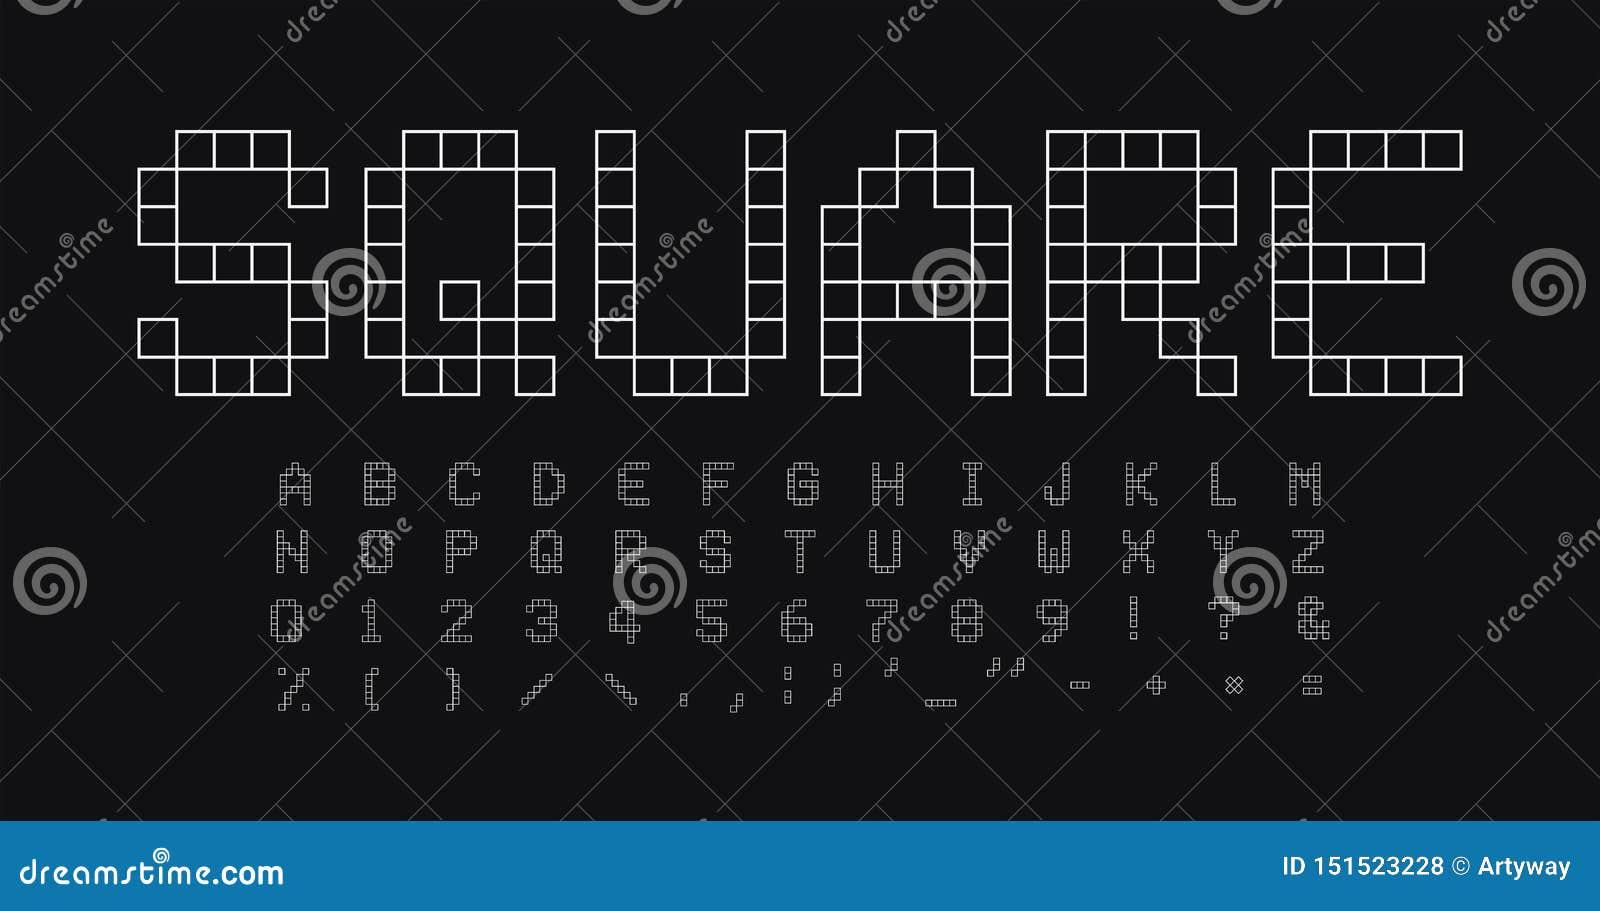 Ensemble carré de lettres et de nombres de formes Alphabet latin de vecteur linéaire simple géométrique de style Police pour des